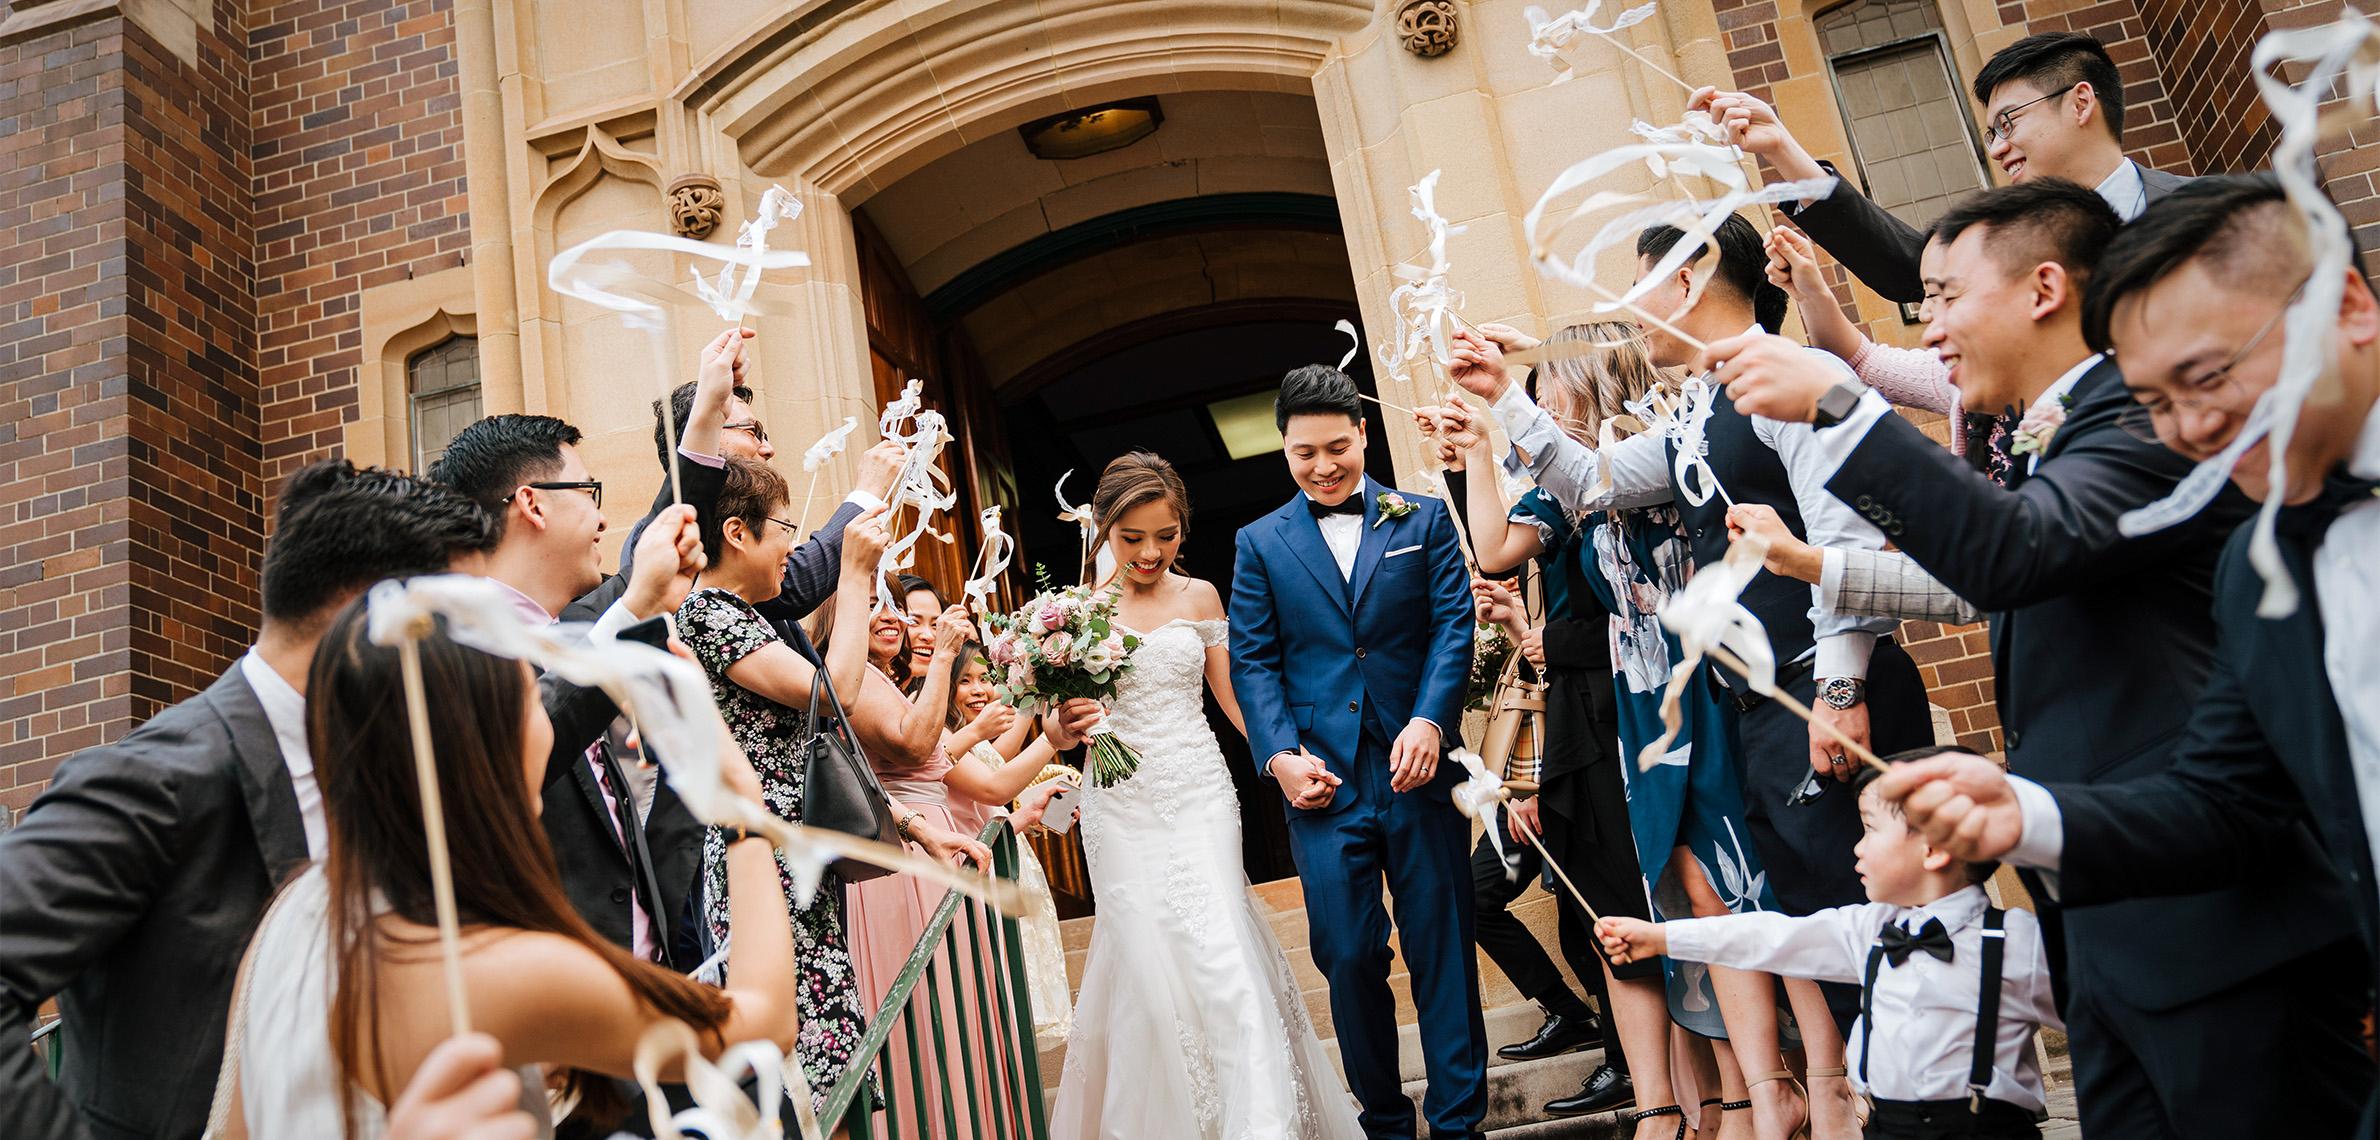 悉尼婚禮跟拍,悉尼婚禮攝影攝像,悉尼婚礼摄影摄像